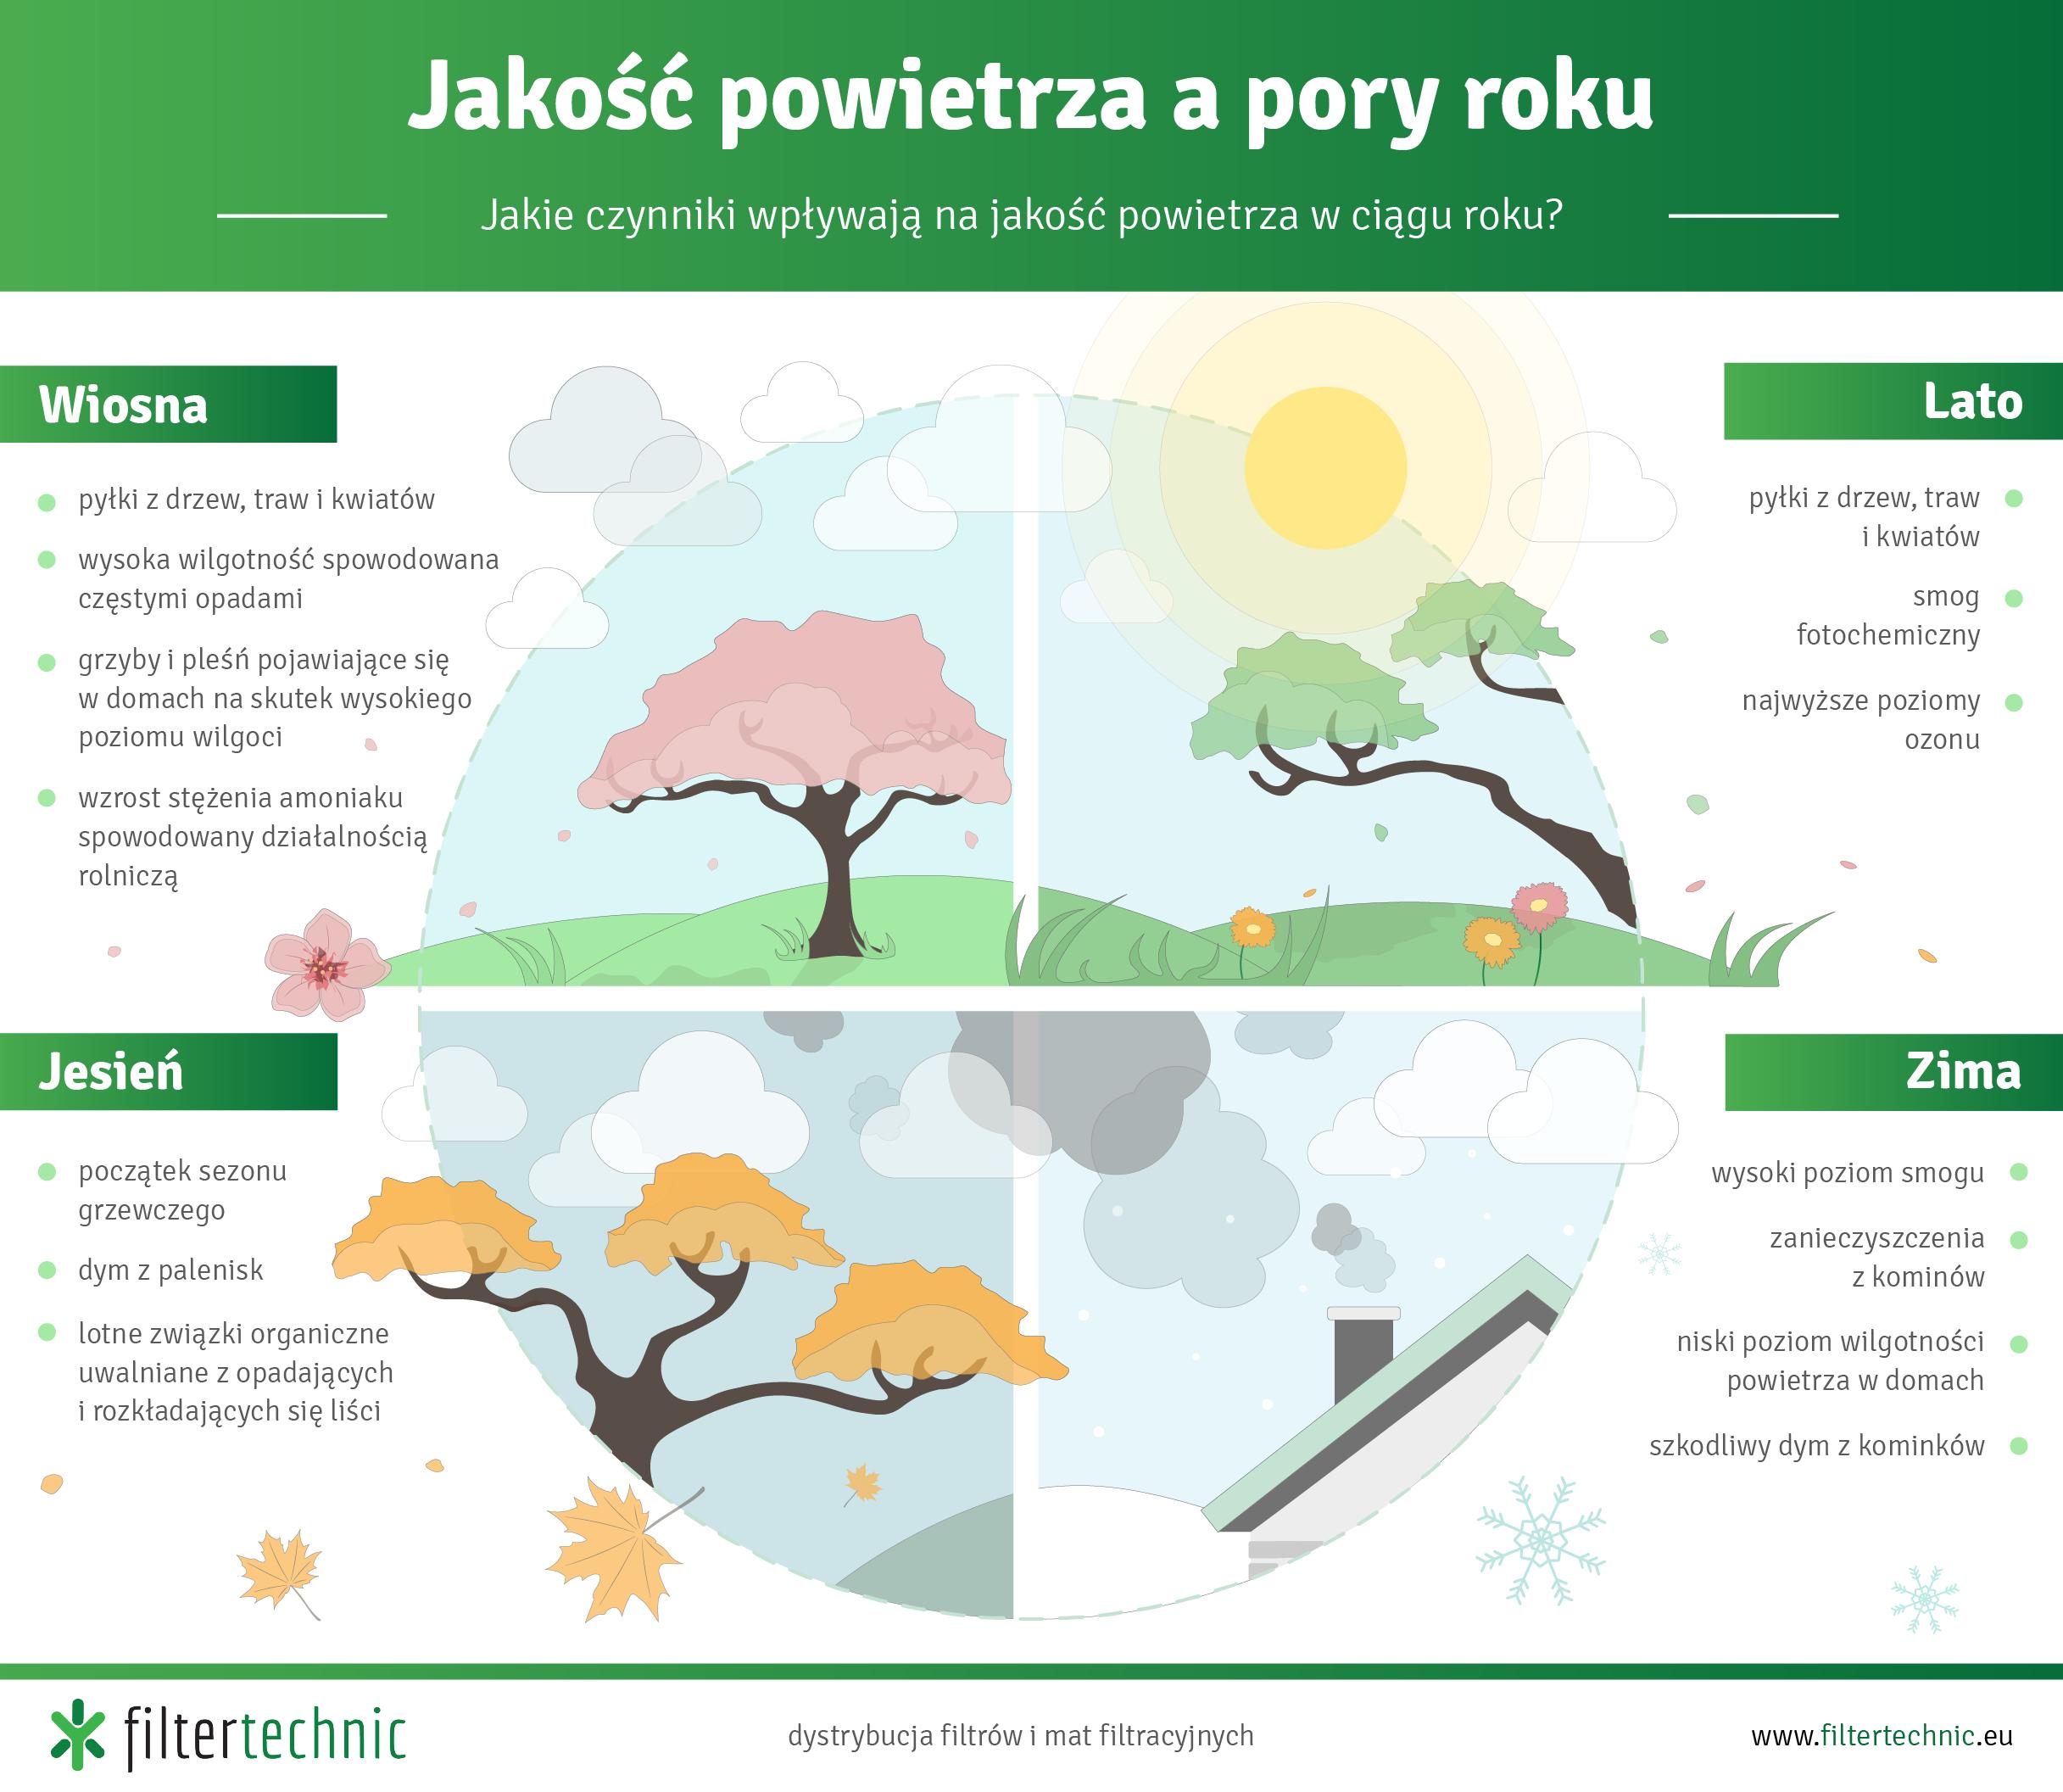 jakość powietrza a pory roku